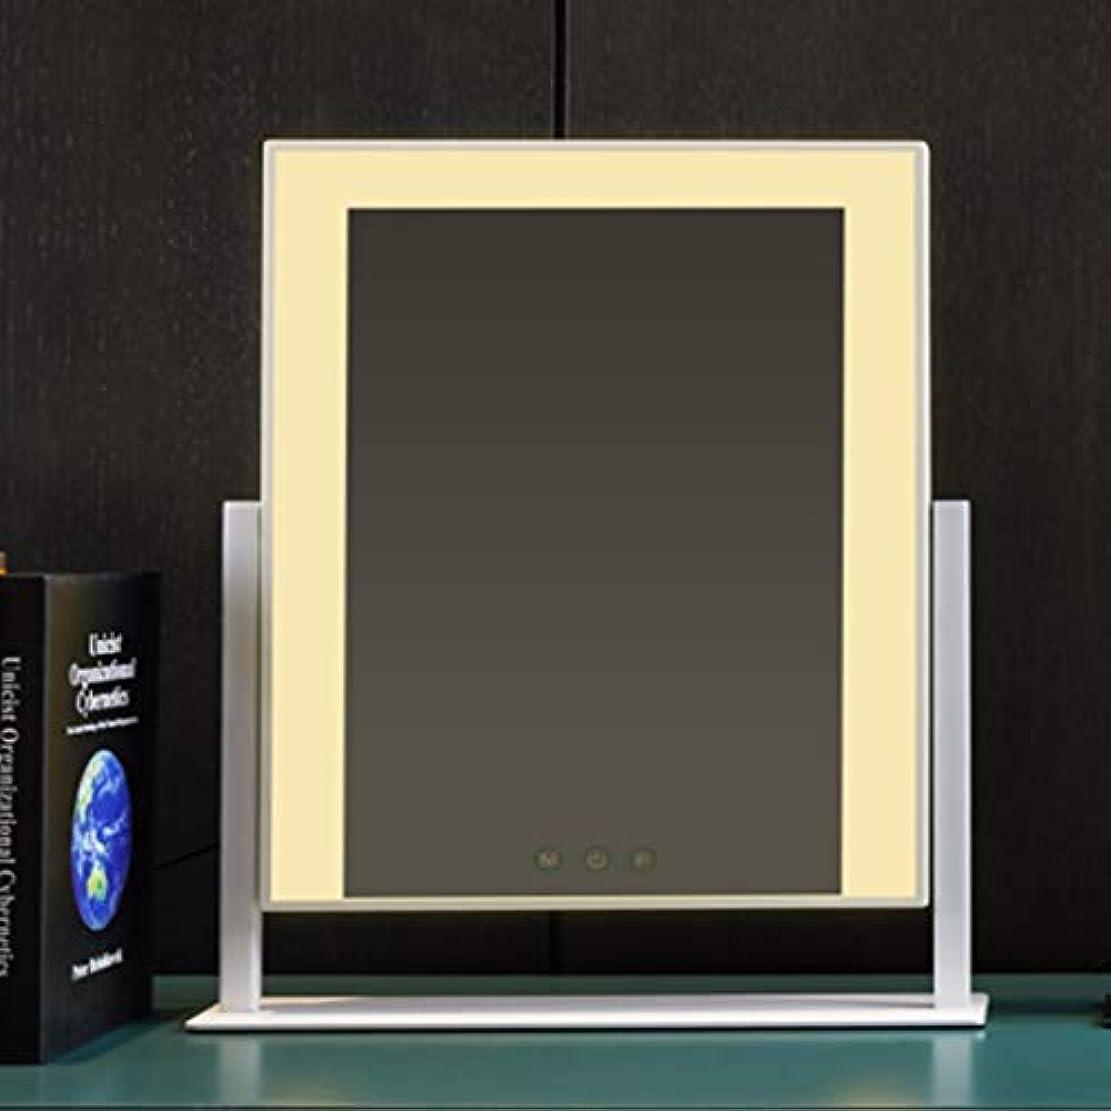 トライアスロンキャリッジピクニックフィルライトled化粧鏡デスクトップ、照明付き充電ミラー、デスクトップ大型電球化粧鏡 (Color : White)